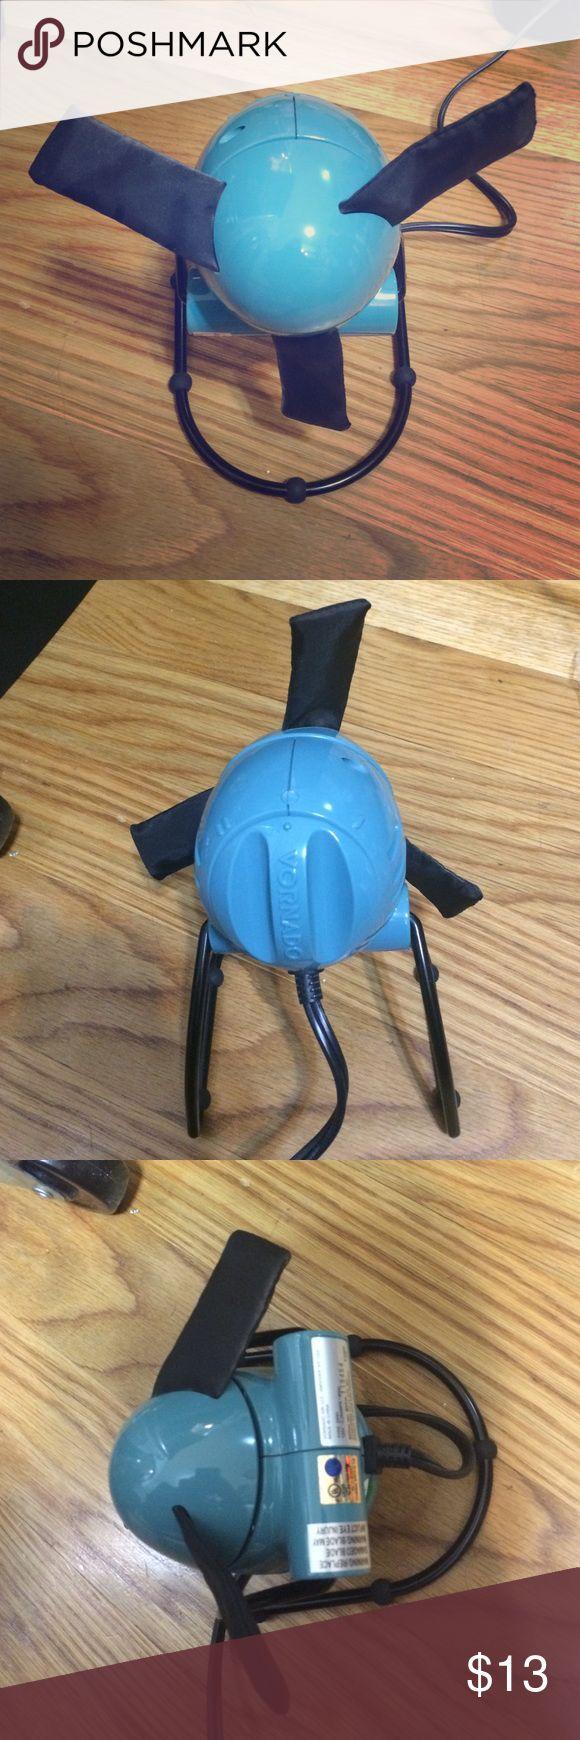 Vornado desk fan blue like new Vornado desk fan Foam blades, cute small desk fan 2 power settings like new Vornado Other